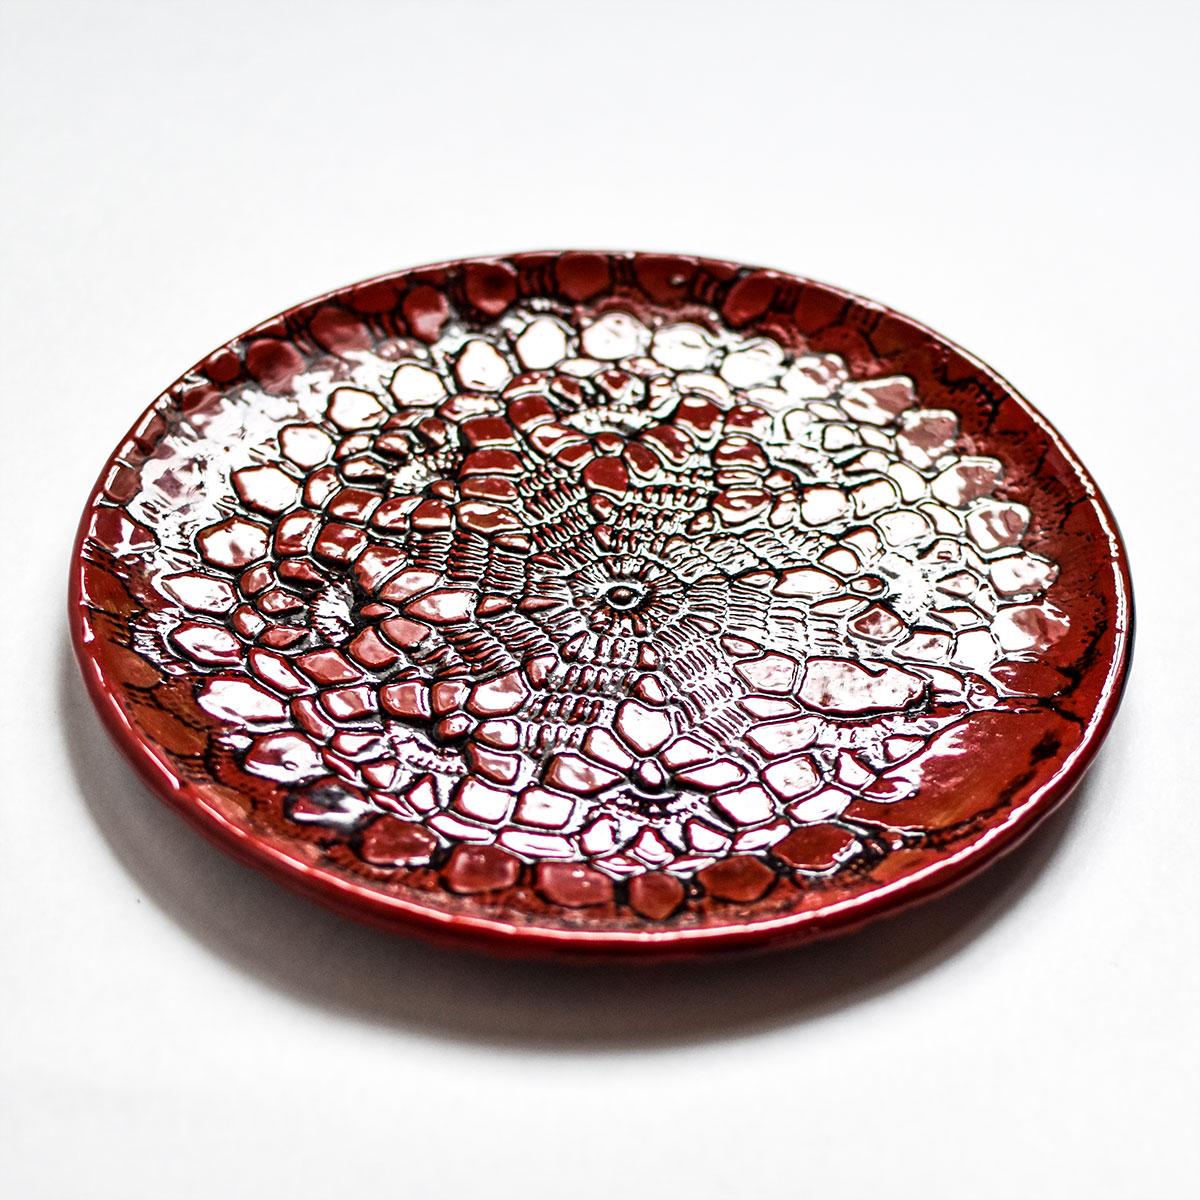 """картинка Керамическая тарелка с кружевом """"Огонь"""" 1 - DishWishes.Ru"""